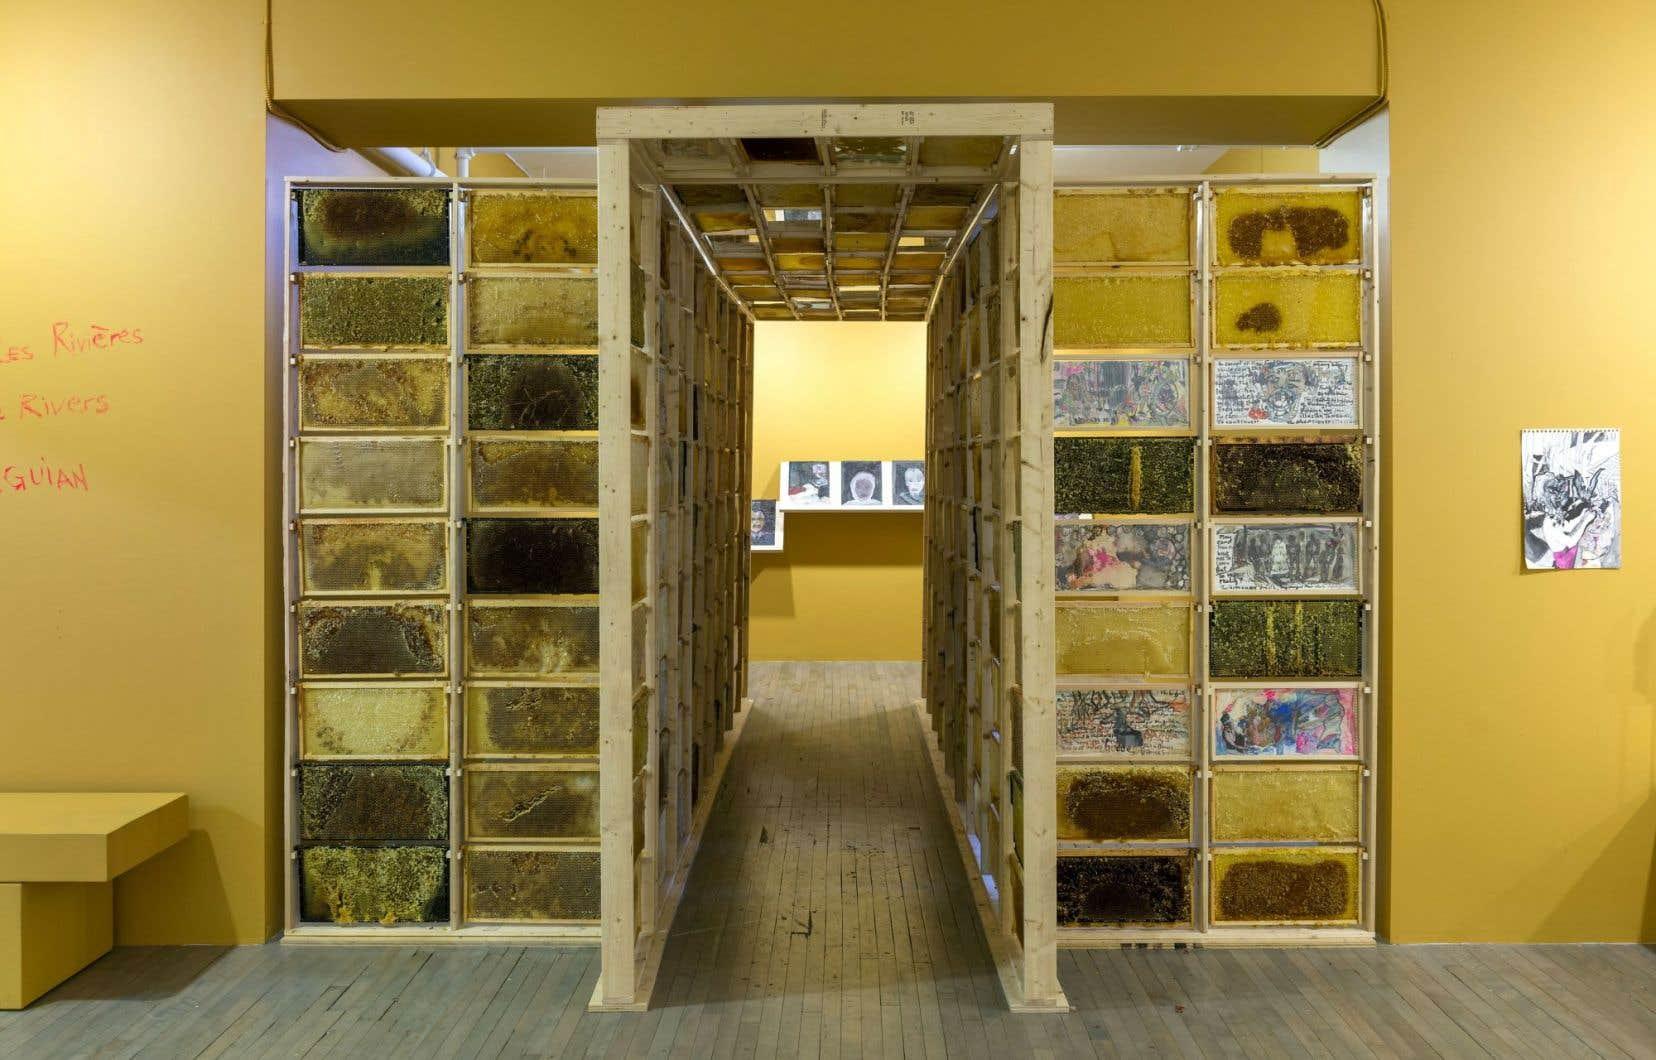 Un corridor structuré par des rayons de miel contribue à souligner le passage physique dans l'espace.